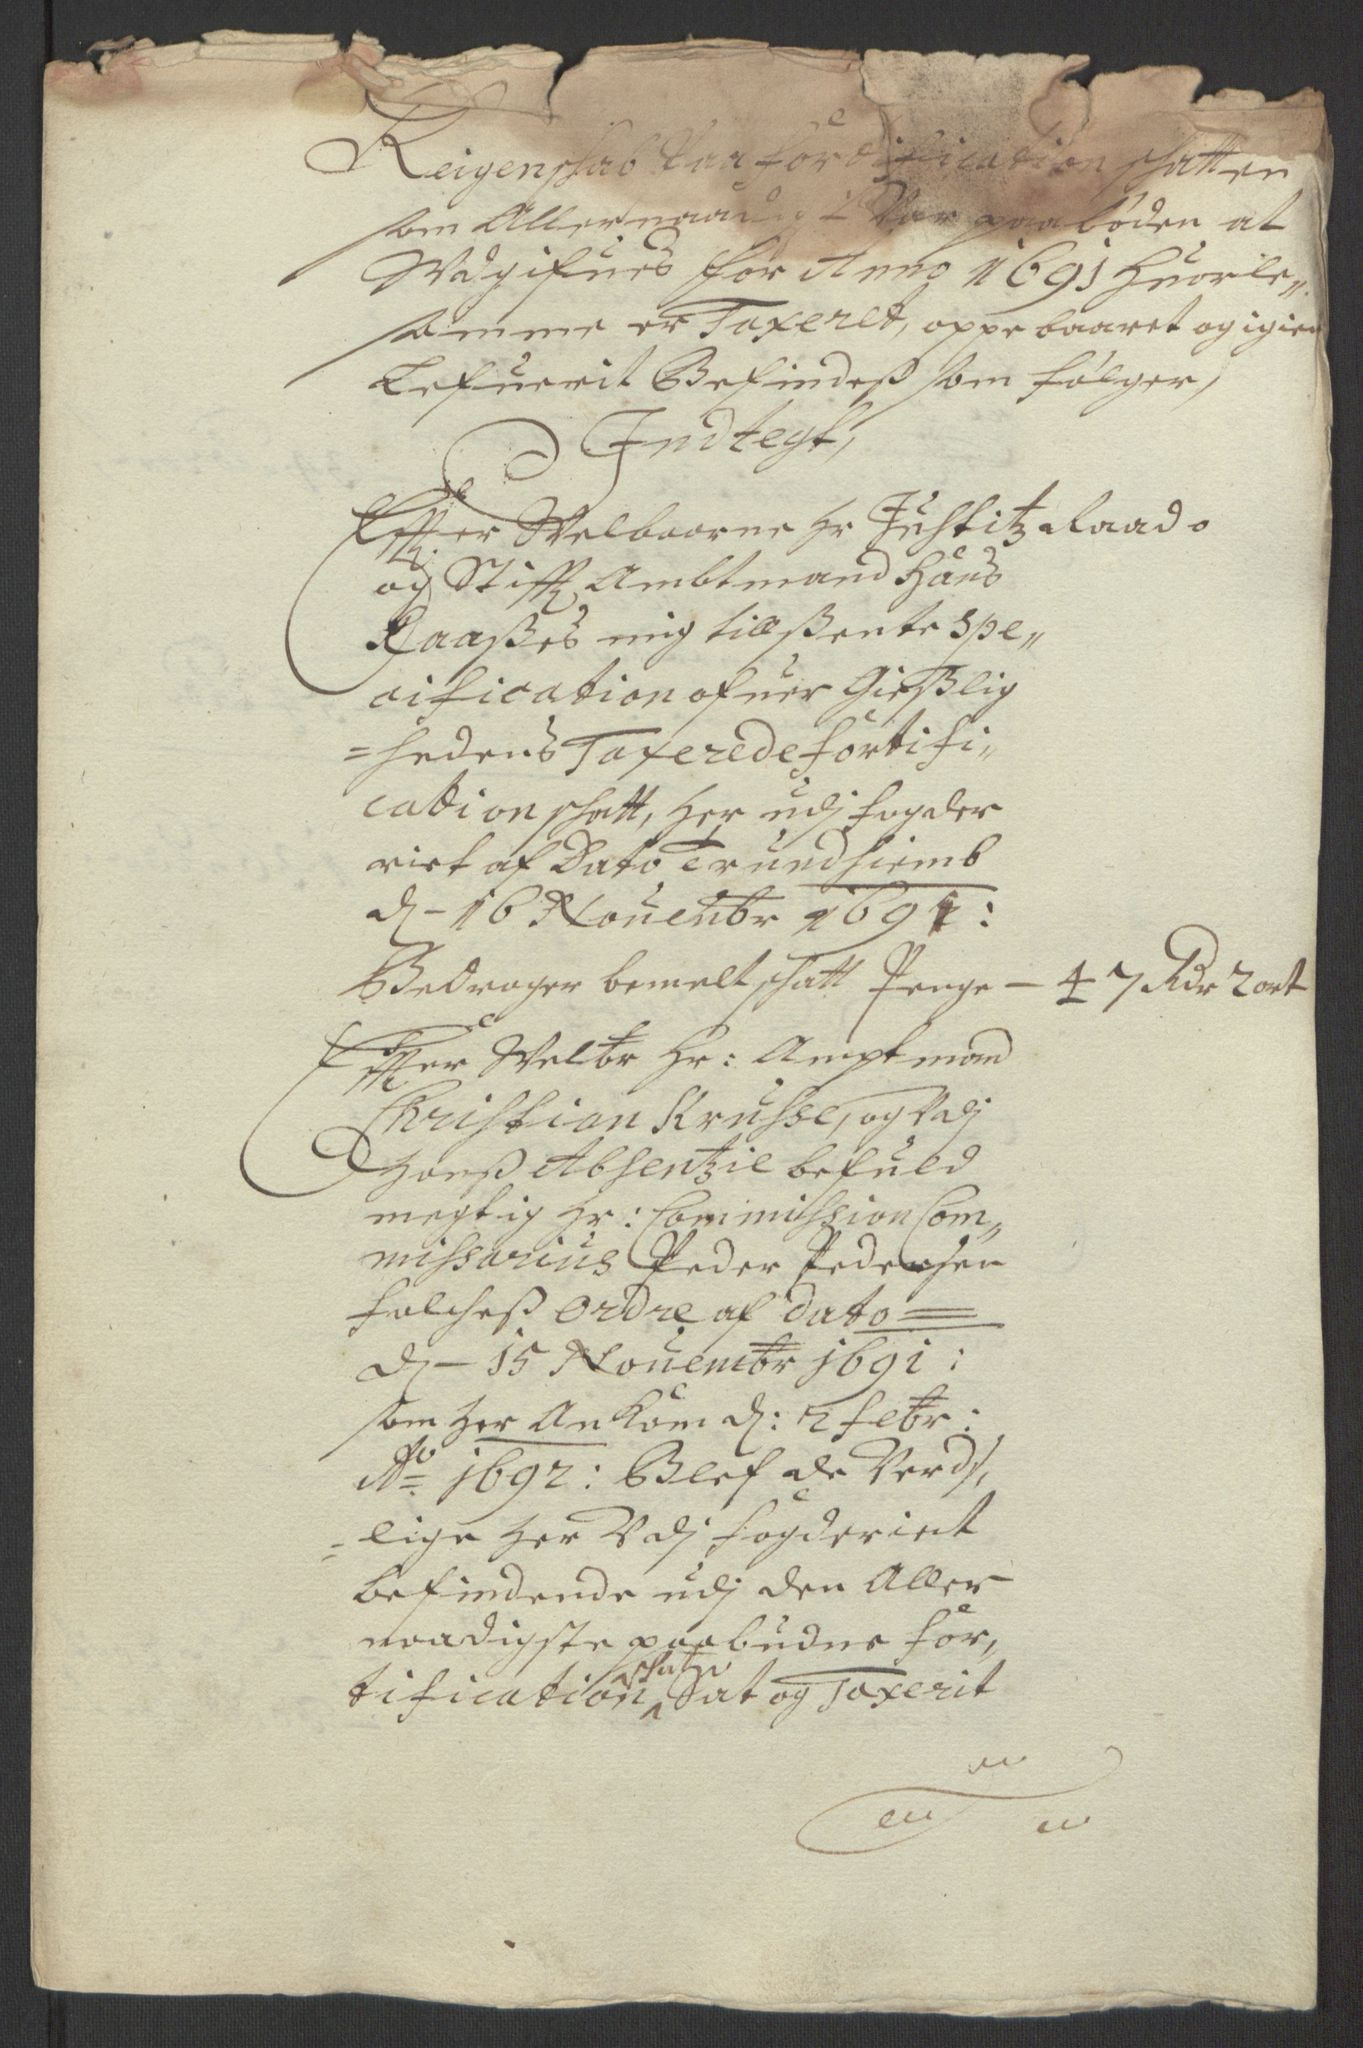 RA, Rentekammeret inntil 1814, Reviderte regnskaper, Fogderegnskap, R67/L4676: Fogderegnskap Vesterålen, Andenes og Lofoten, 1691-1693, s. 96